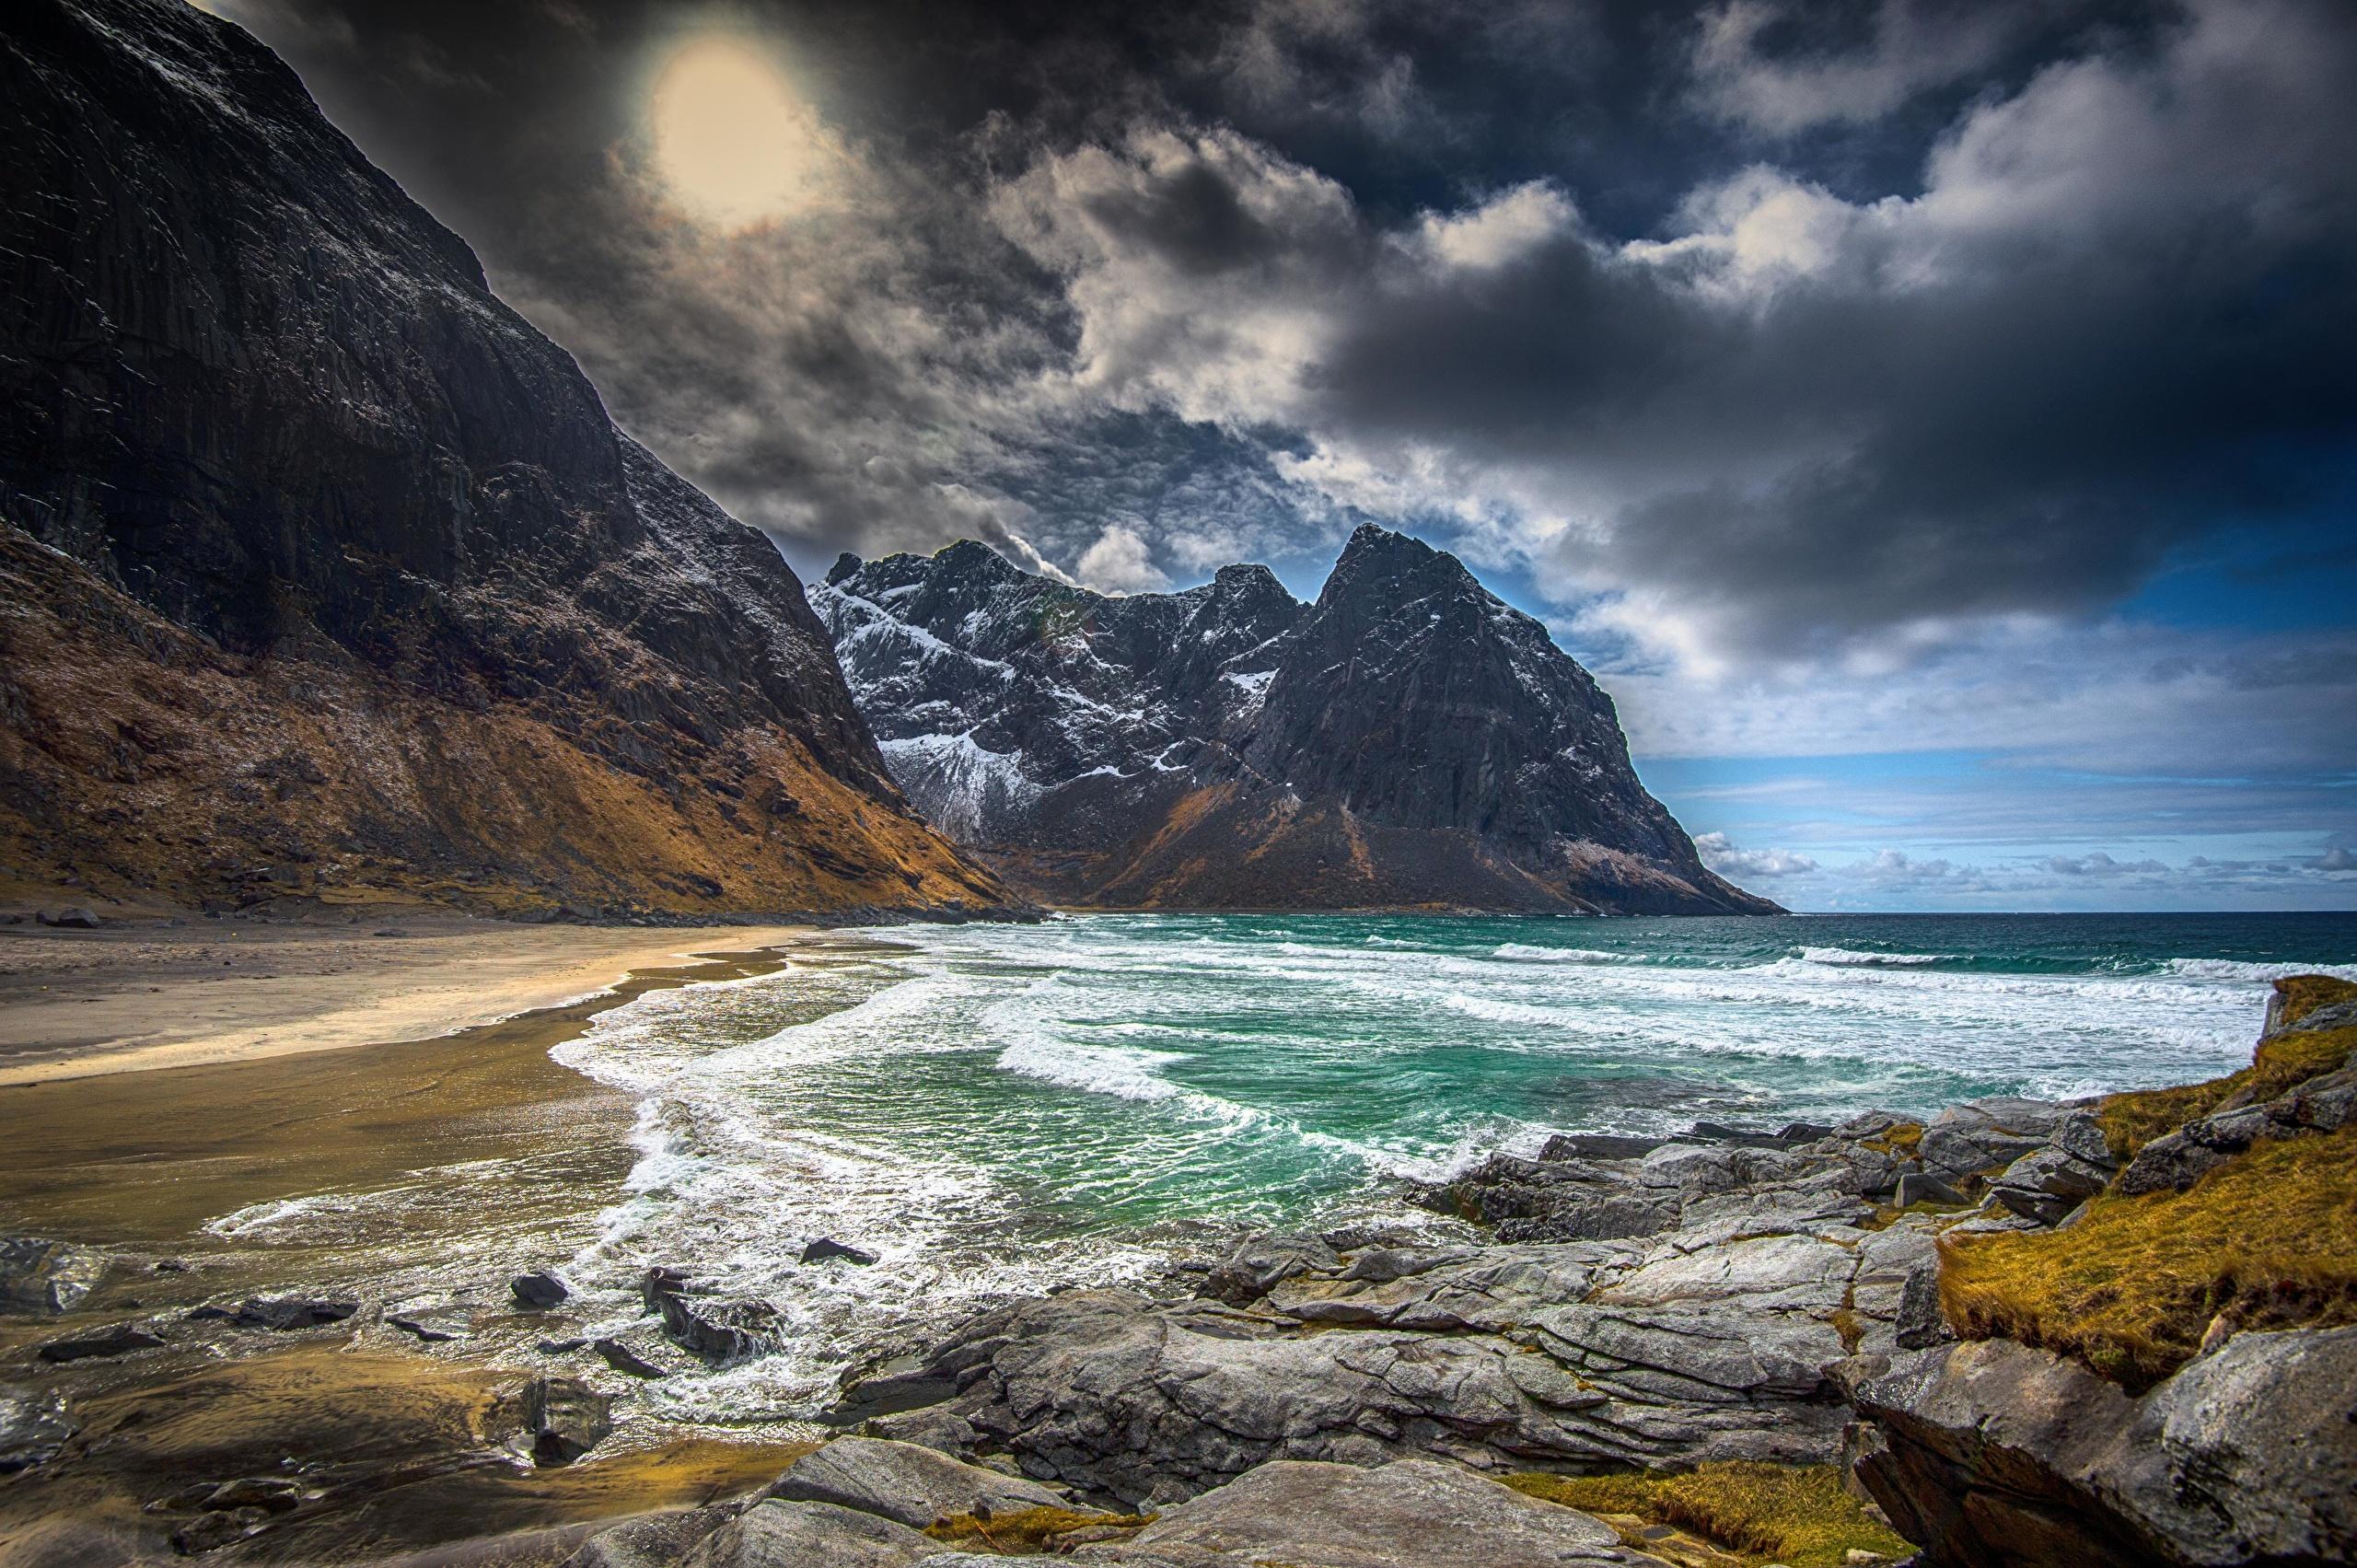 природа камни море побережье скалы зима снег бесплатно